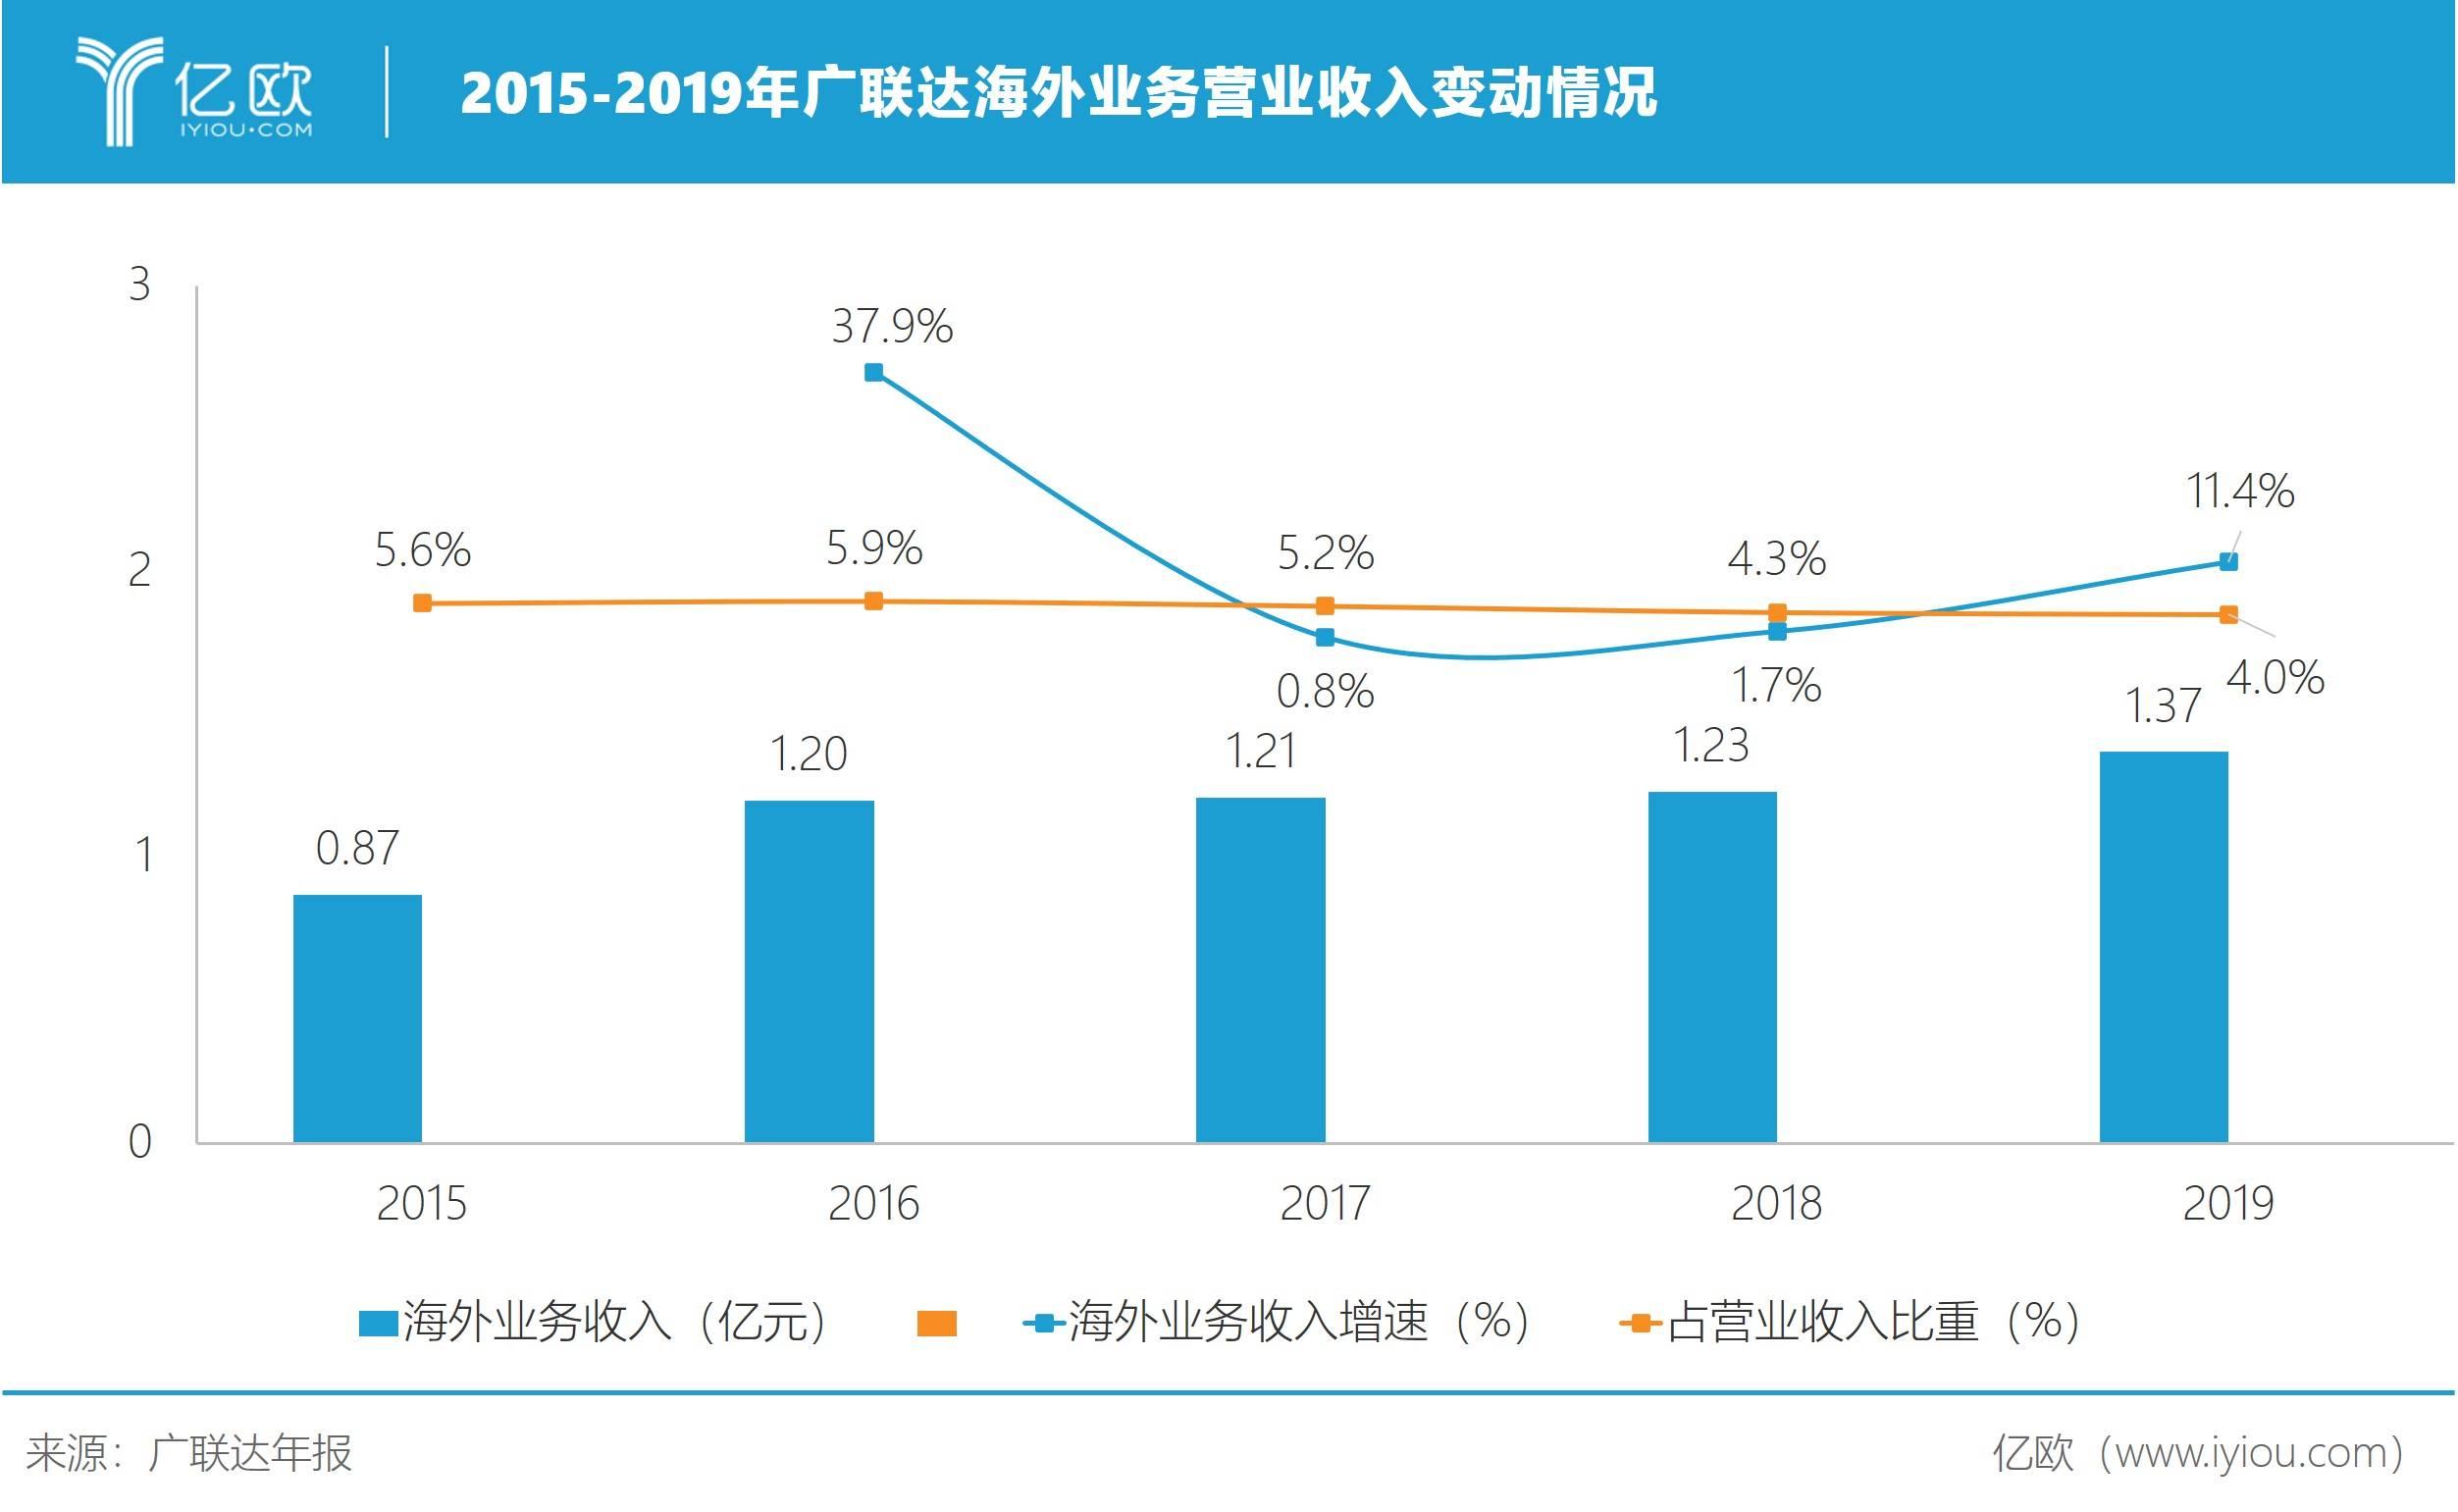 2015-2019年广联达海外业务买卖收好转折情况